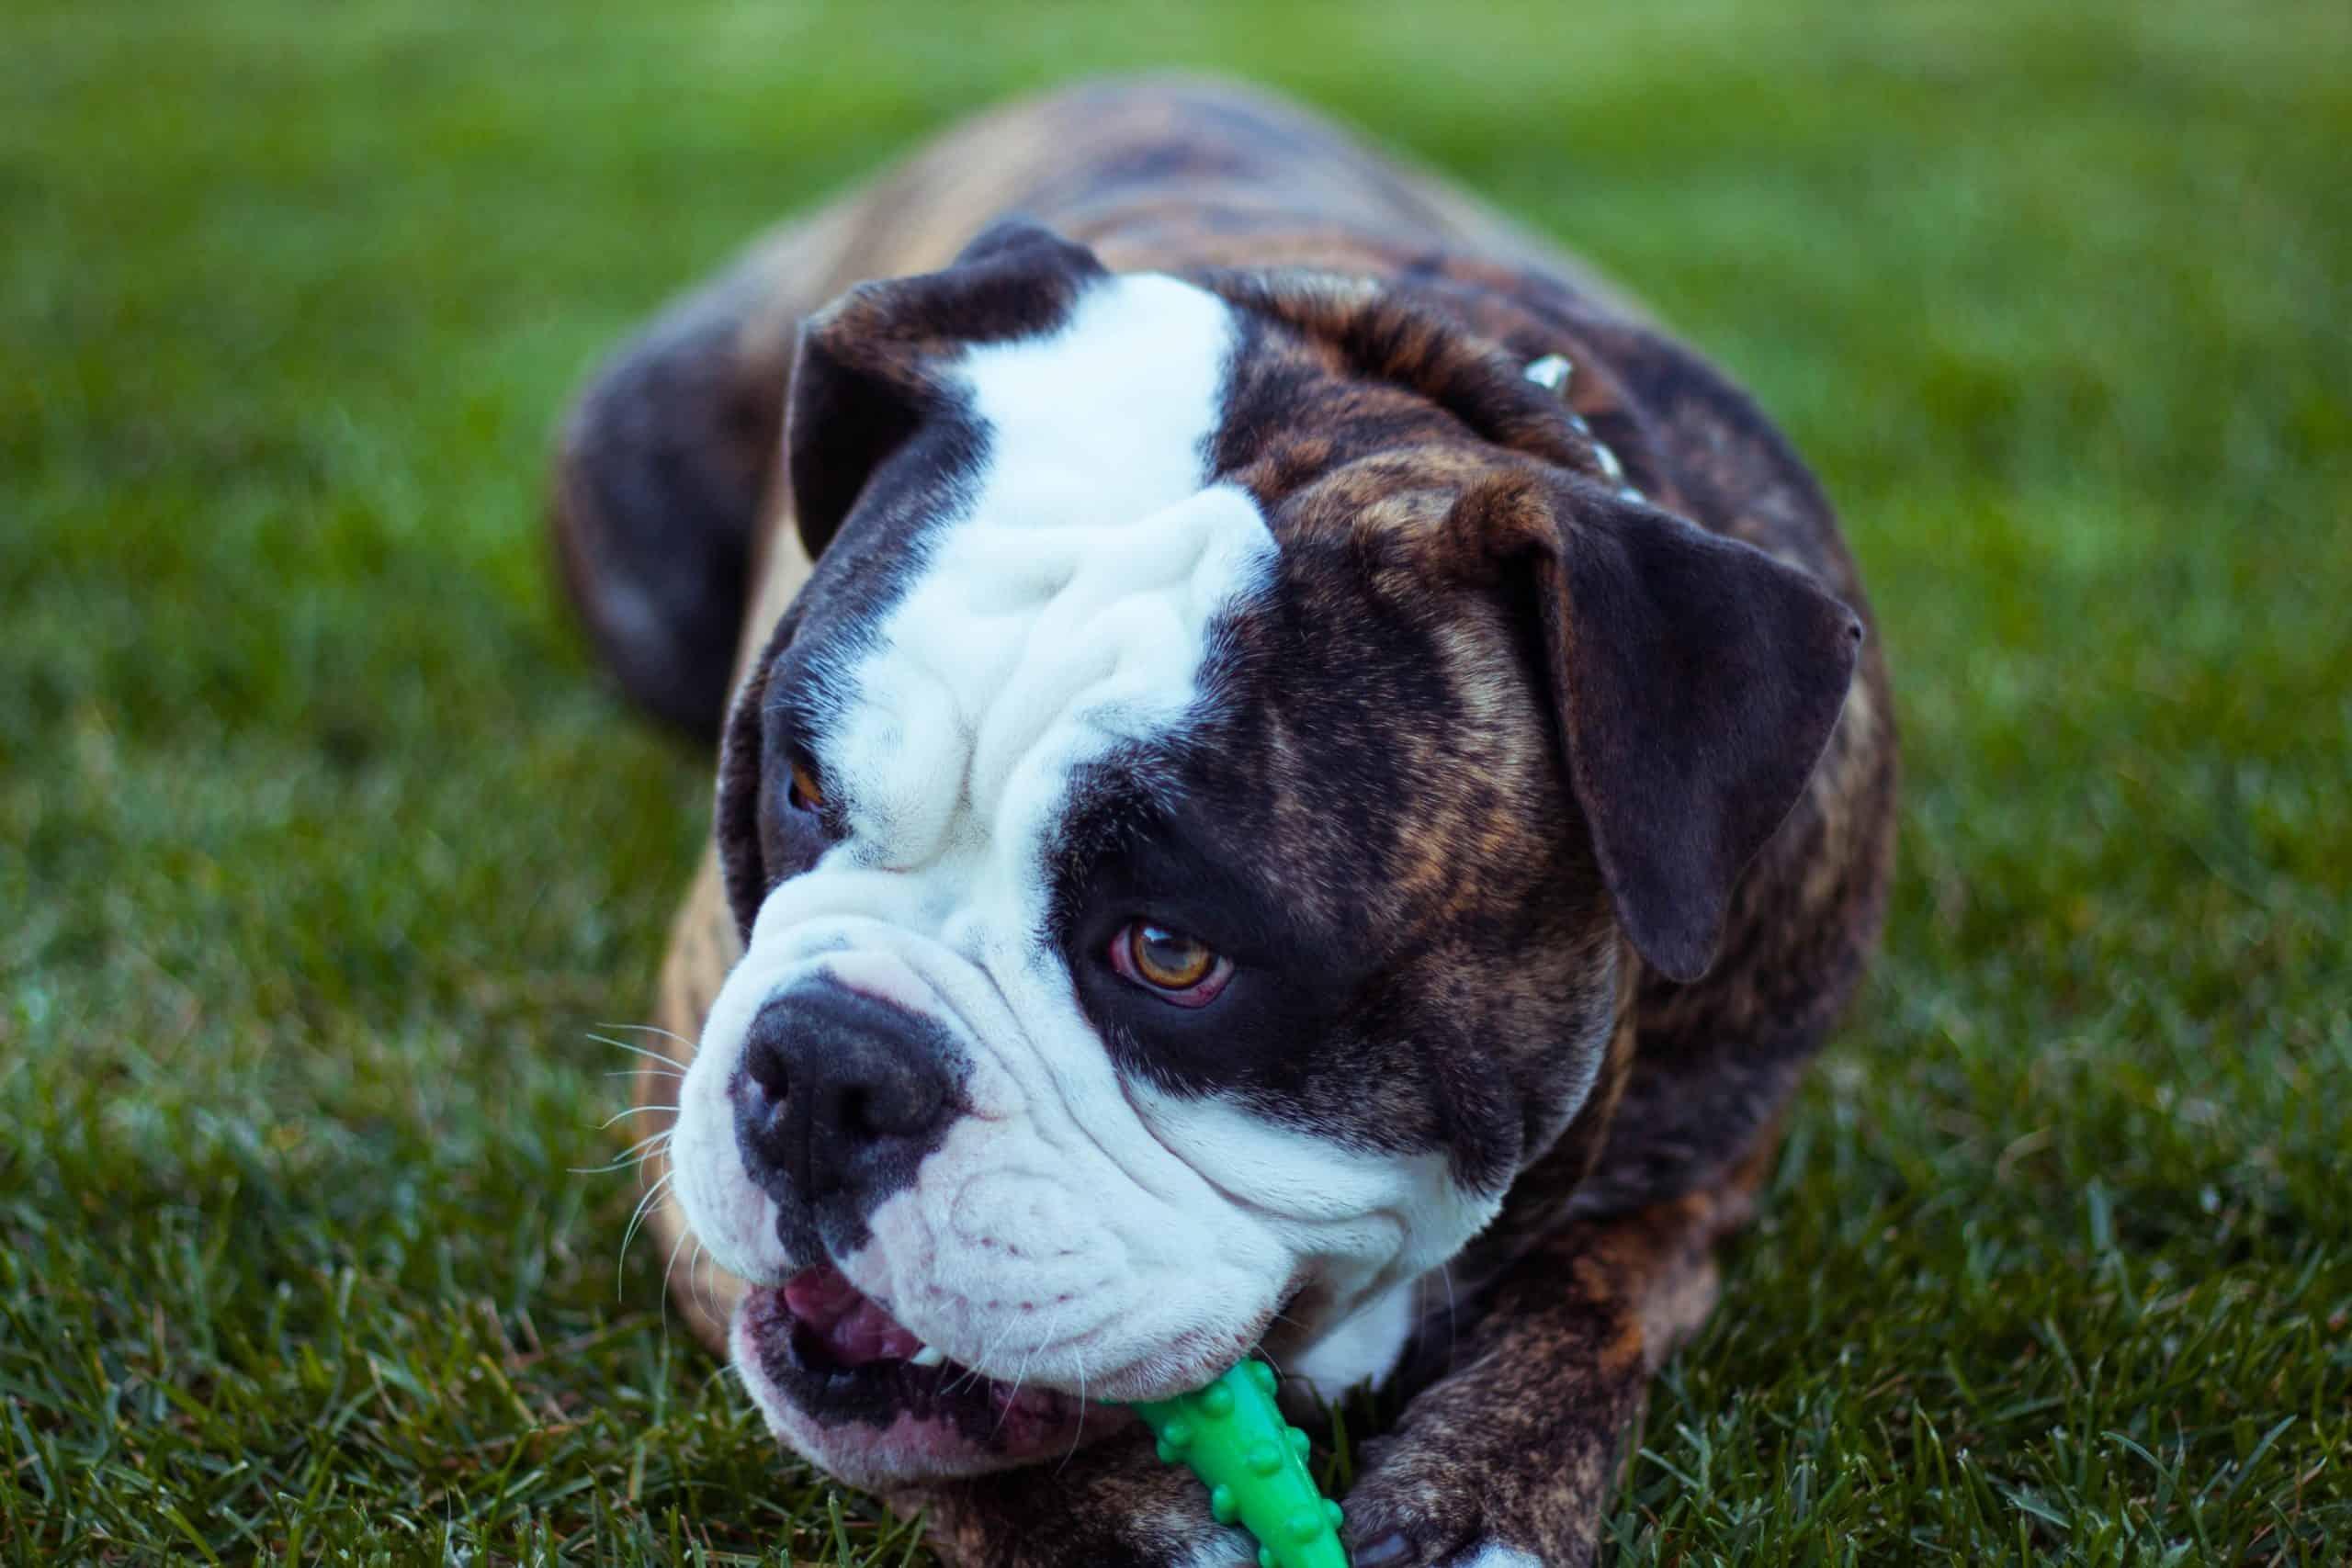 Olde English Bulldogge chewing a bone in grass